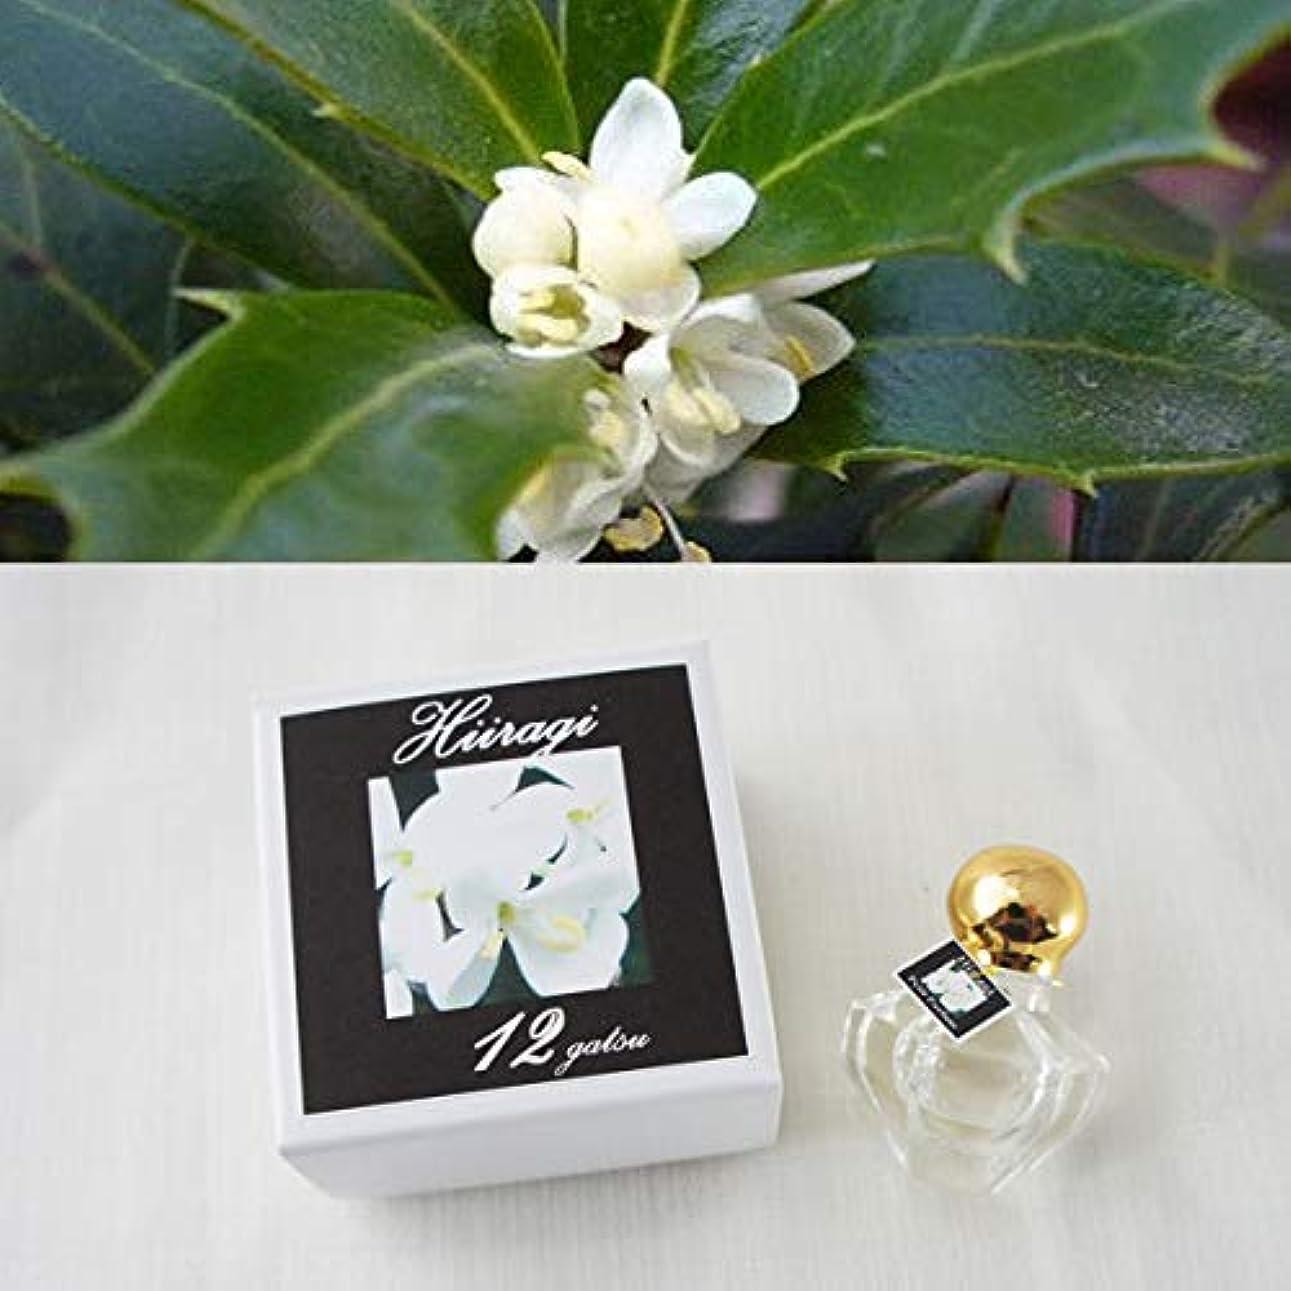 寄稿者笑苦行香運おみくじ&相性図鑑付き「12か月の花香水」 東山植物園の自然の花の香りから生まれた香水です。 (12月 ヒイラギ)